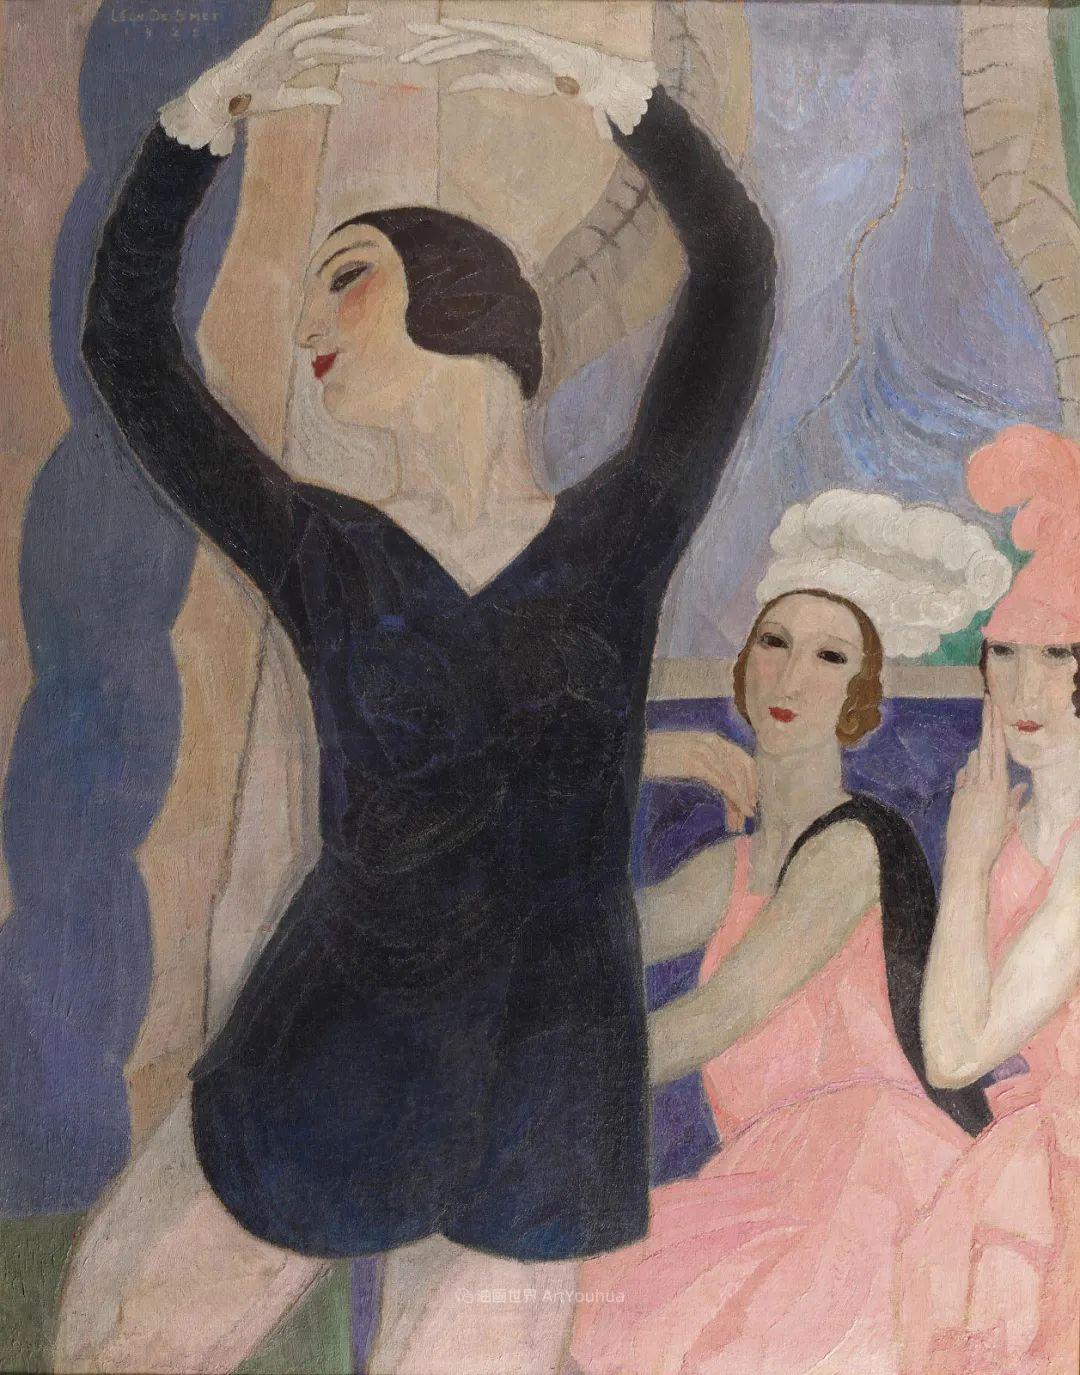 比利时画家 Léon de Smet  莱昂·德·史密特  作品欣赏插图73